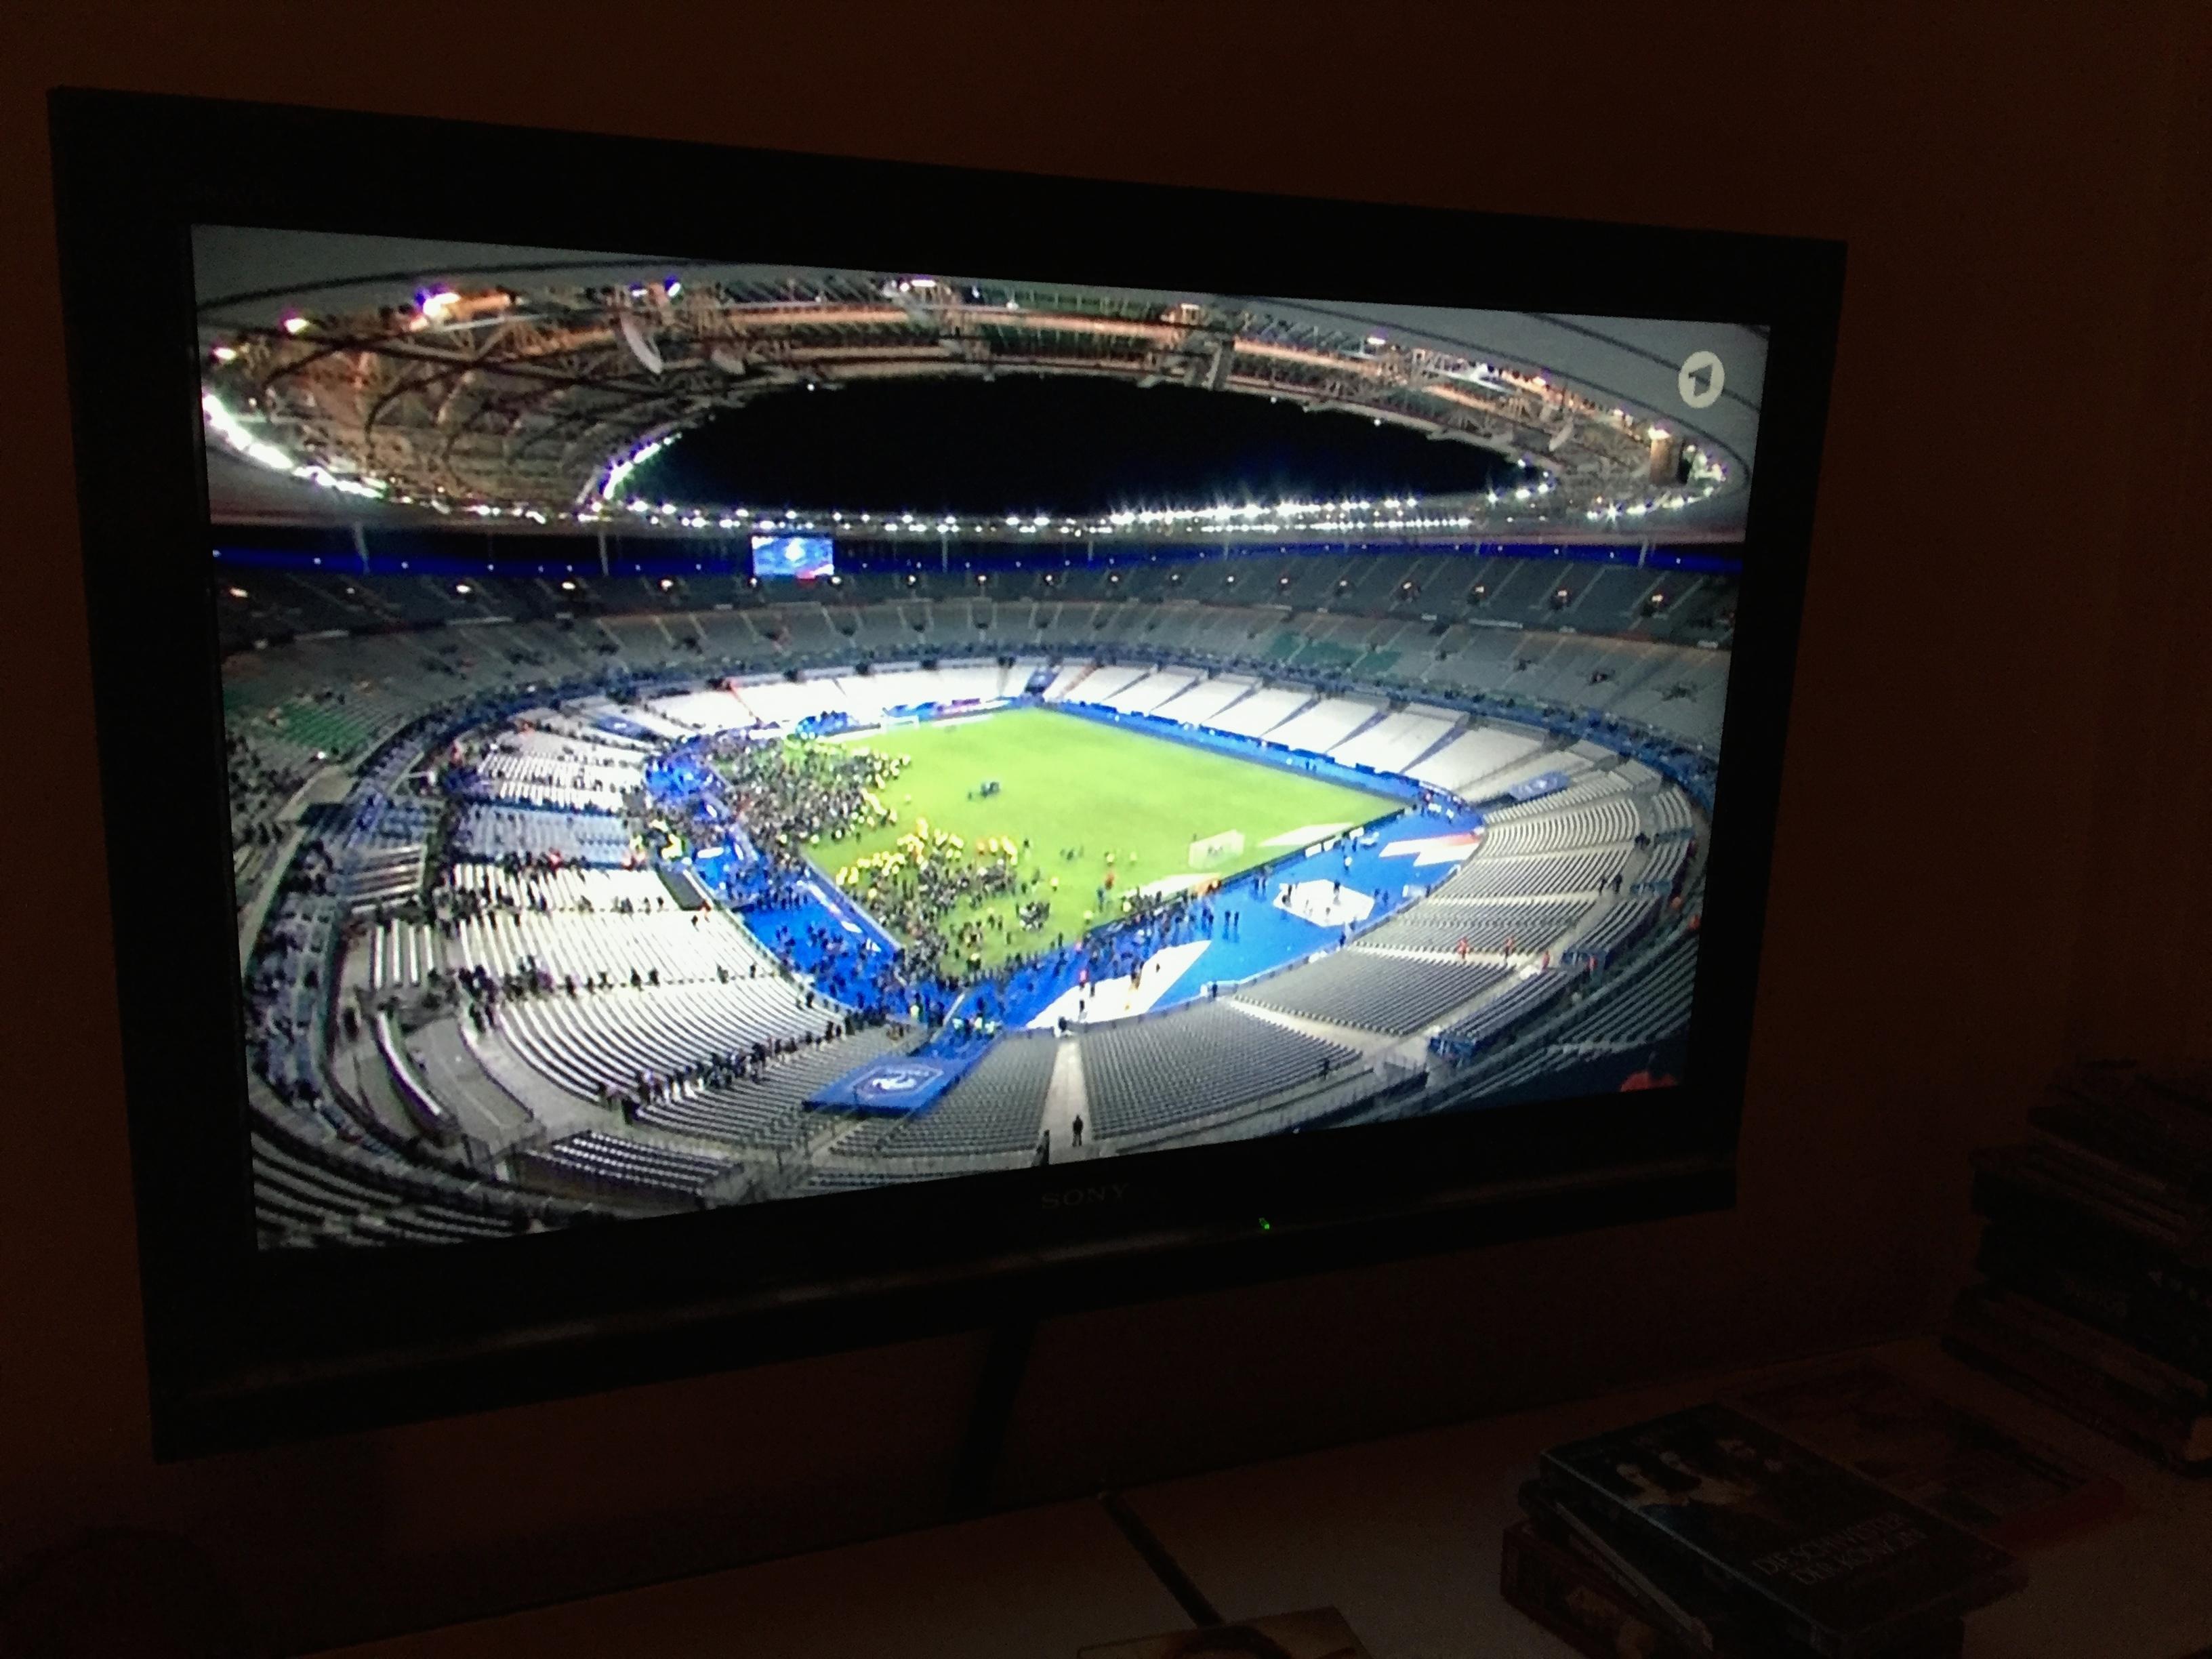 Unser Fernseher mit dem Bild vom Stade de France, auf dem zu sehen ist, wie die Ordner das Publikum von der Innenfläche zu den geöffneten Toren leitet. ©Maja Peltzer